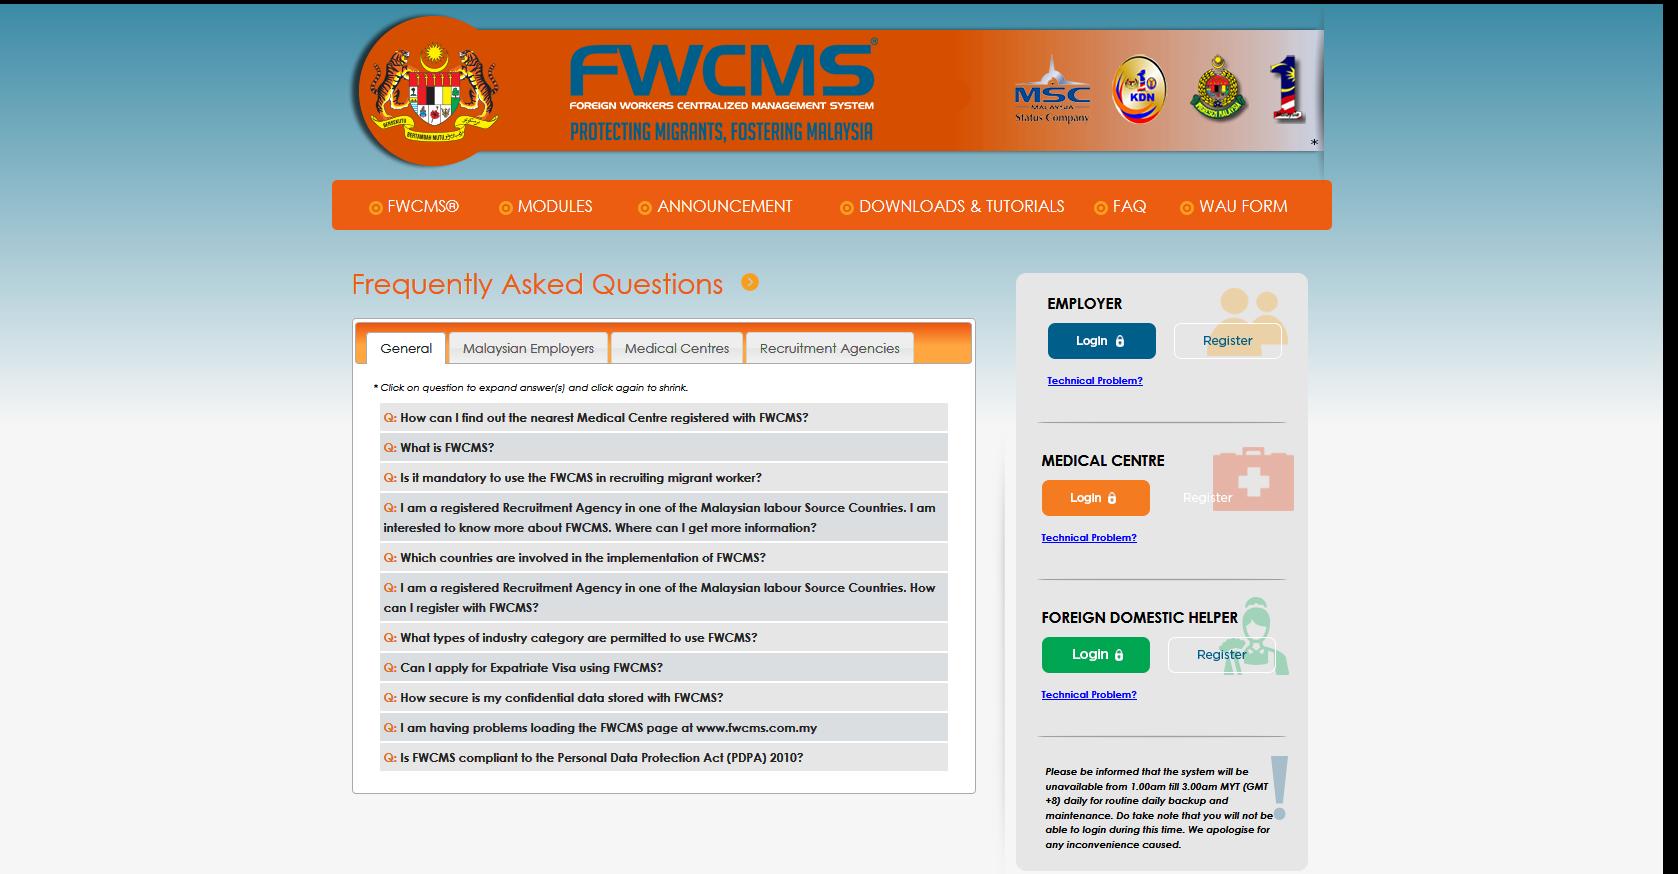 FWCMS - FAQ